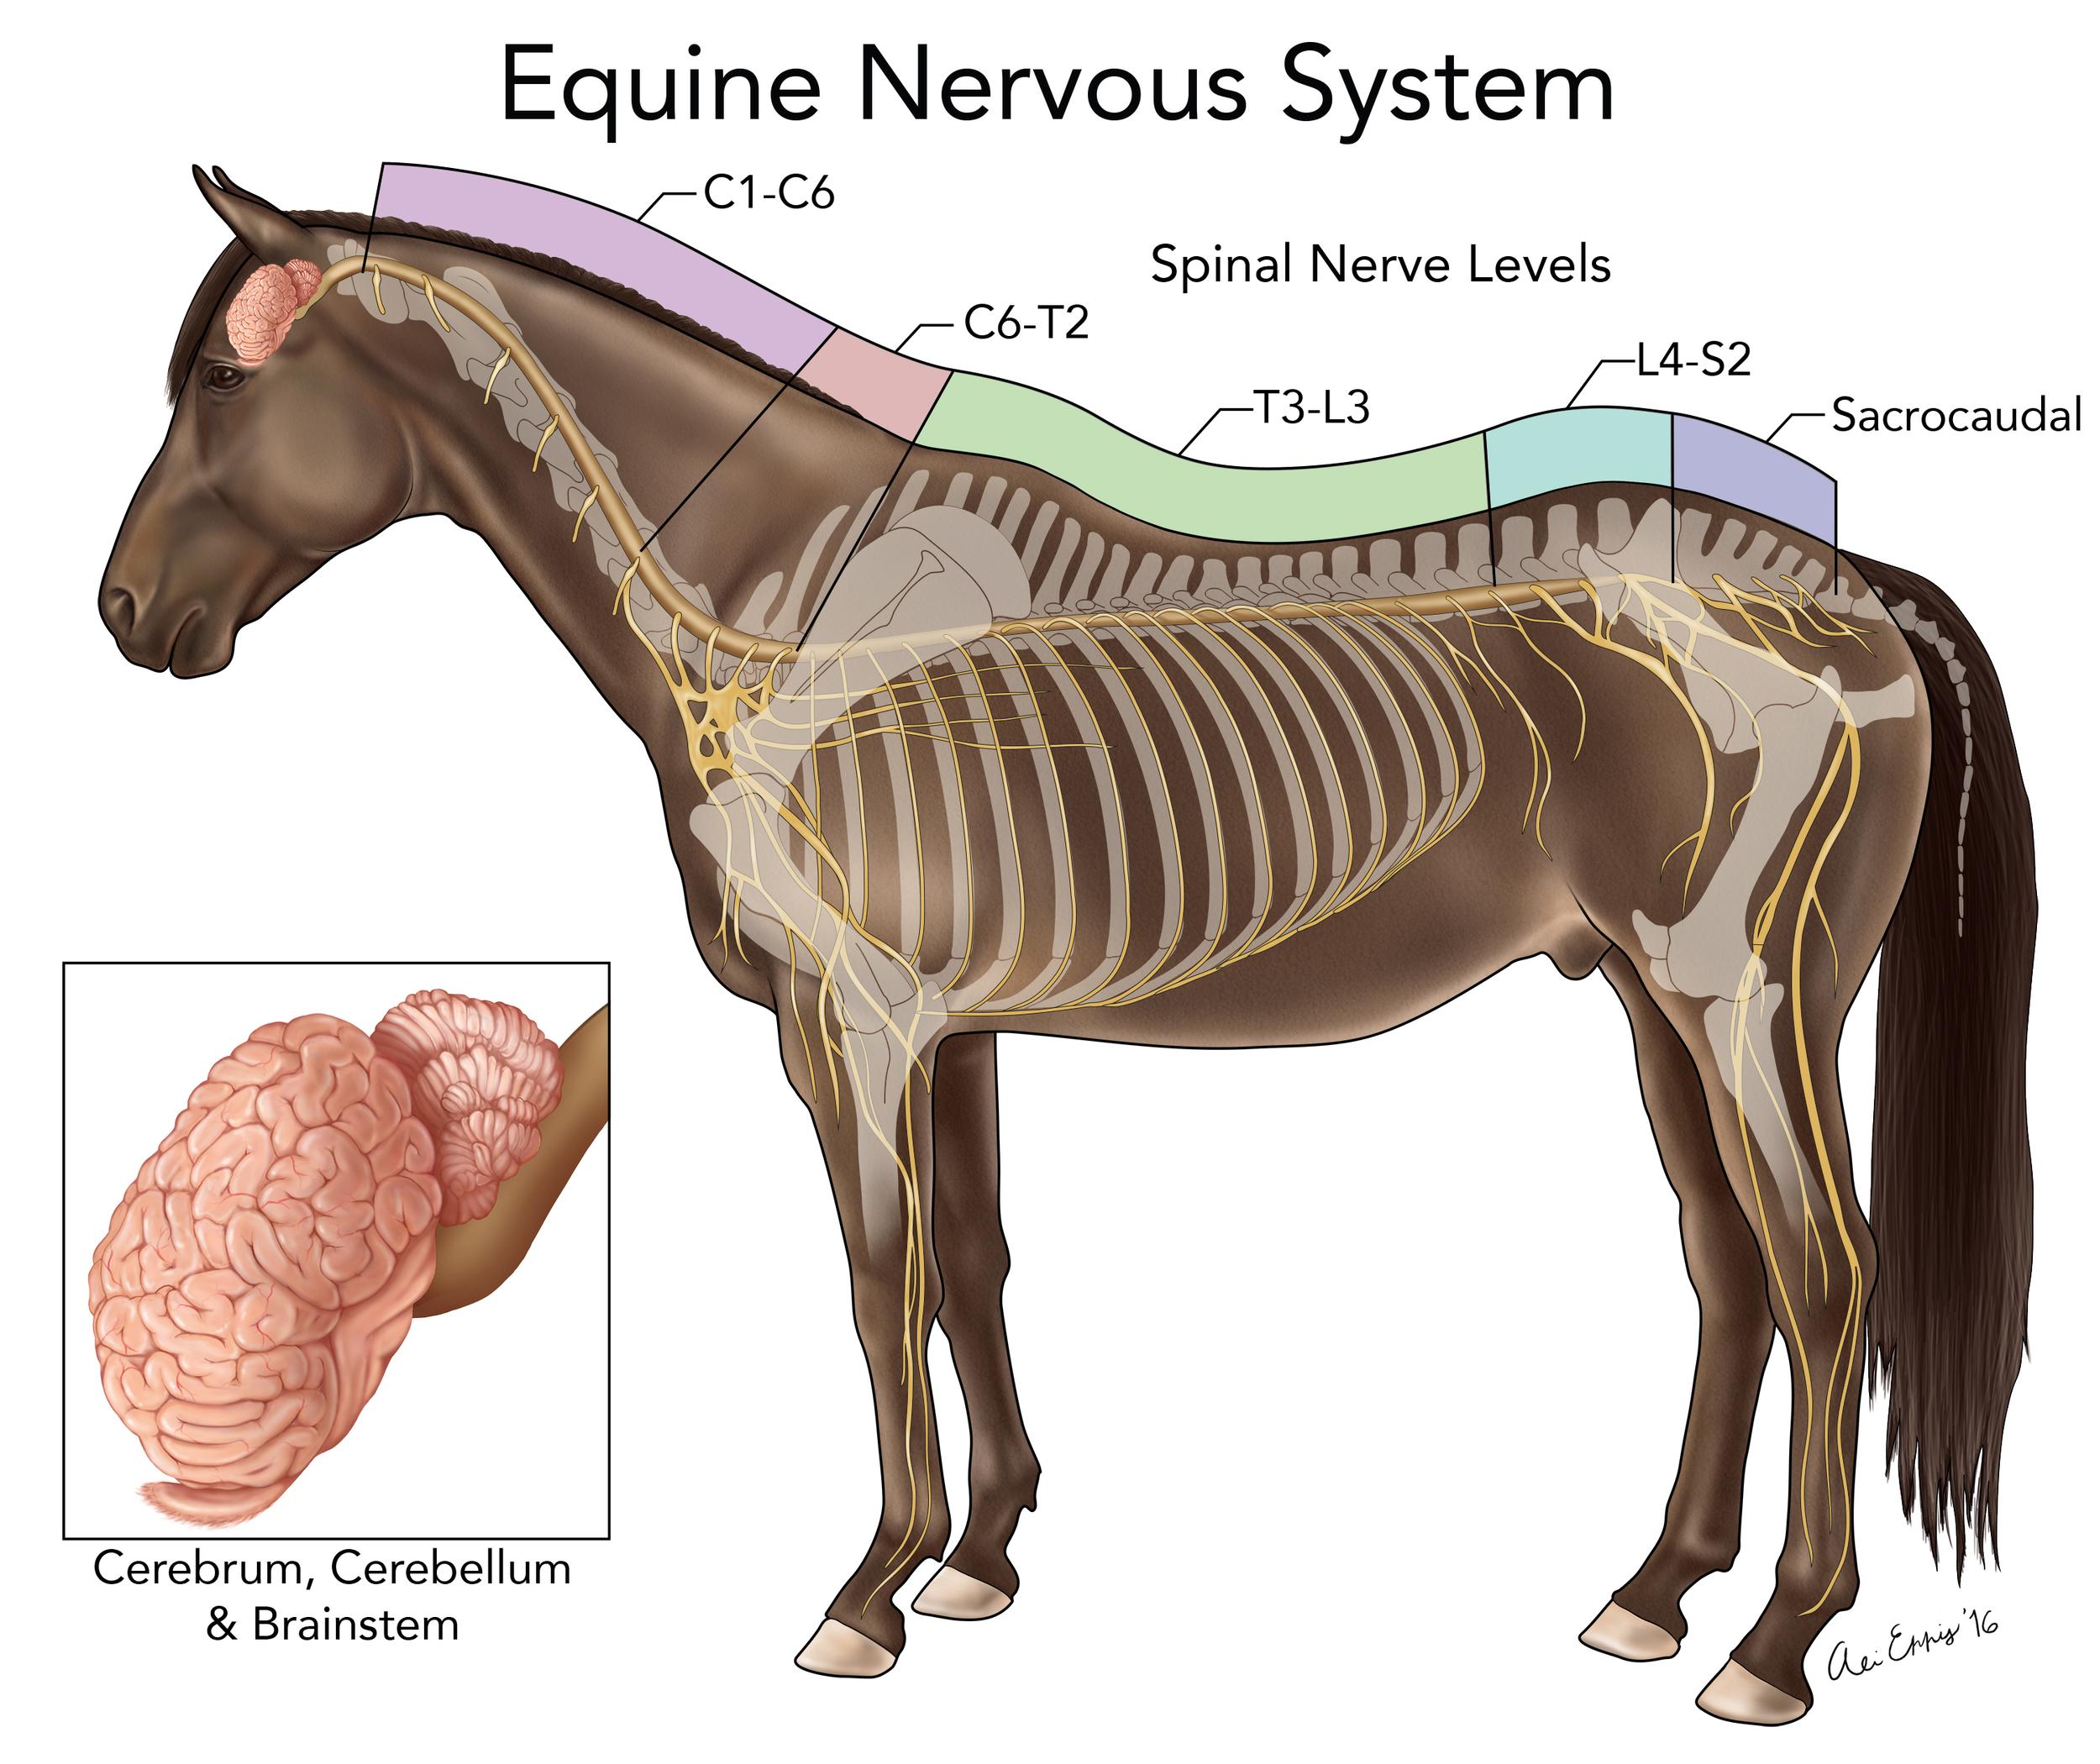 Equine Nervous System